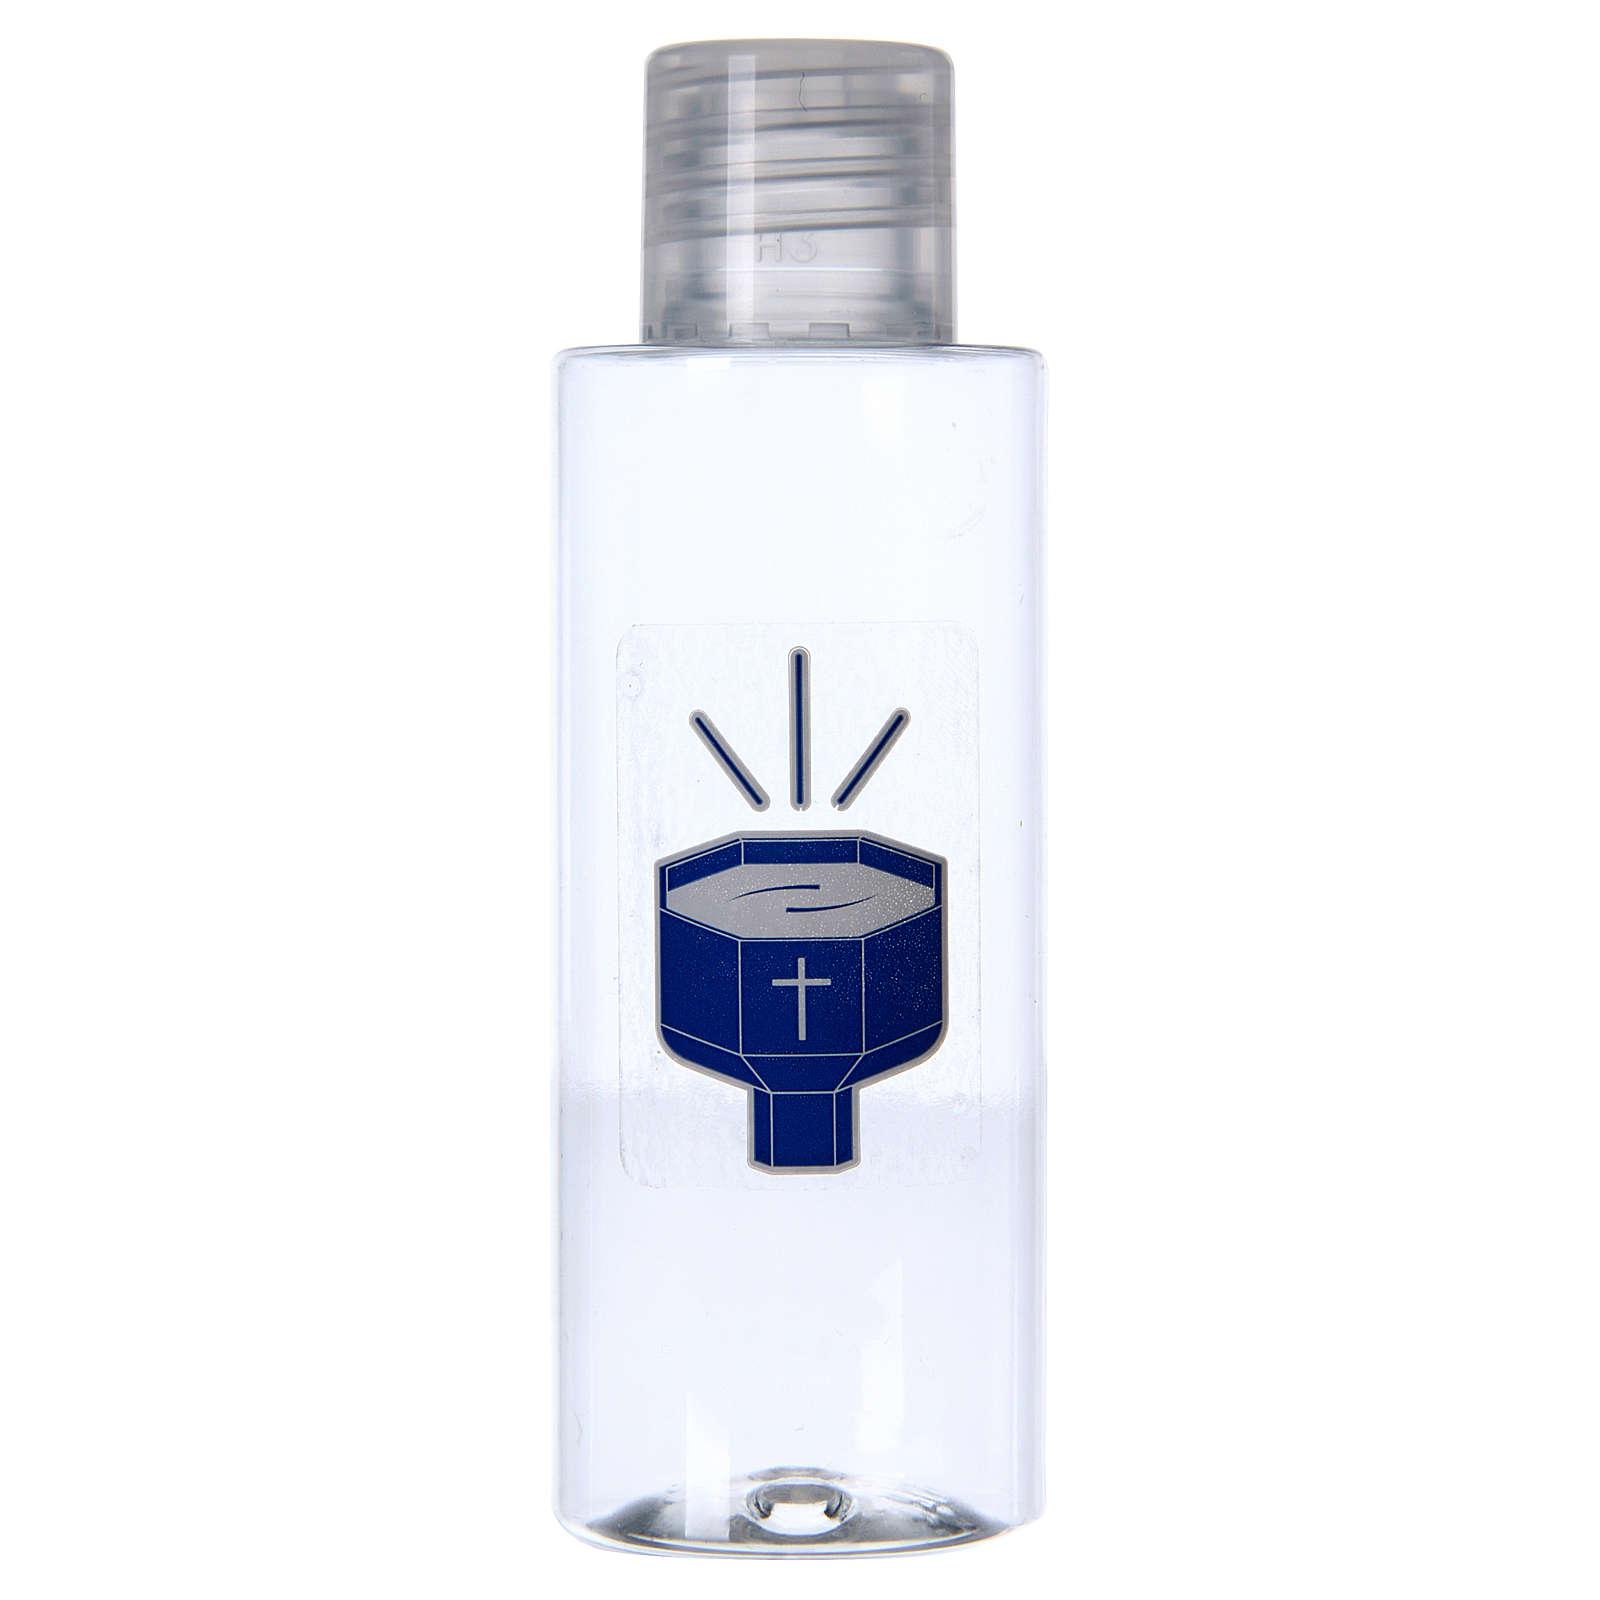 Garrafinhas água benta pia batismal (embalagem 100 peças) 3